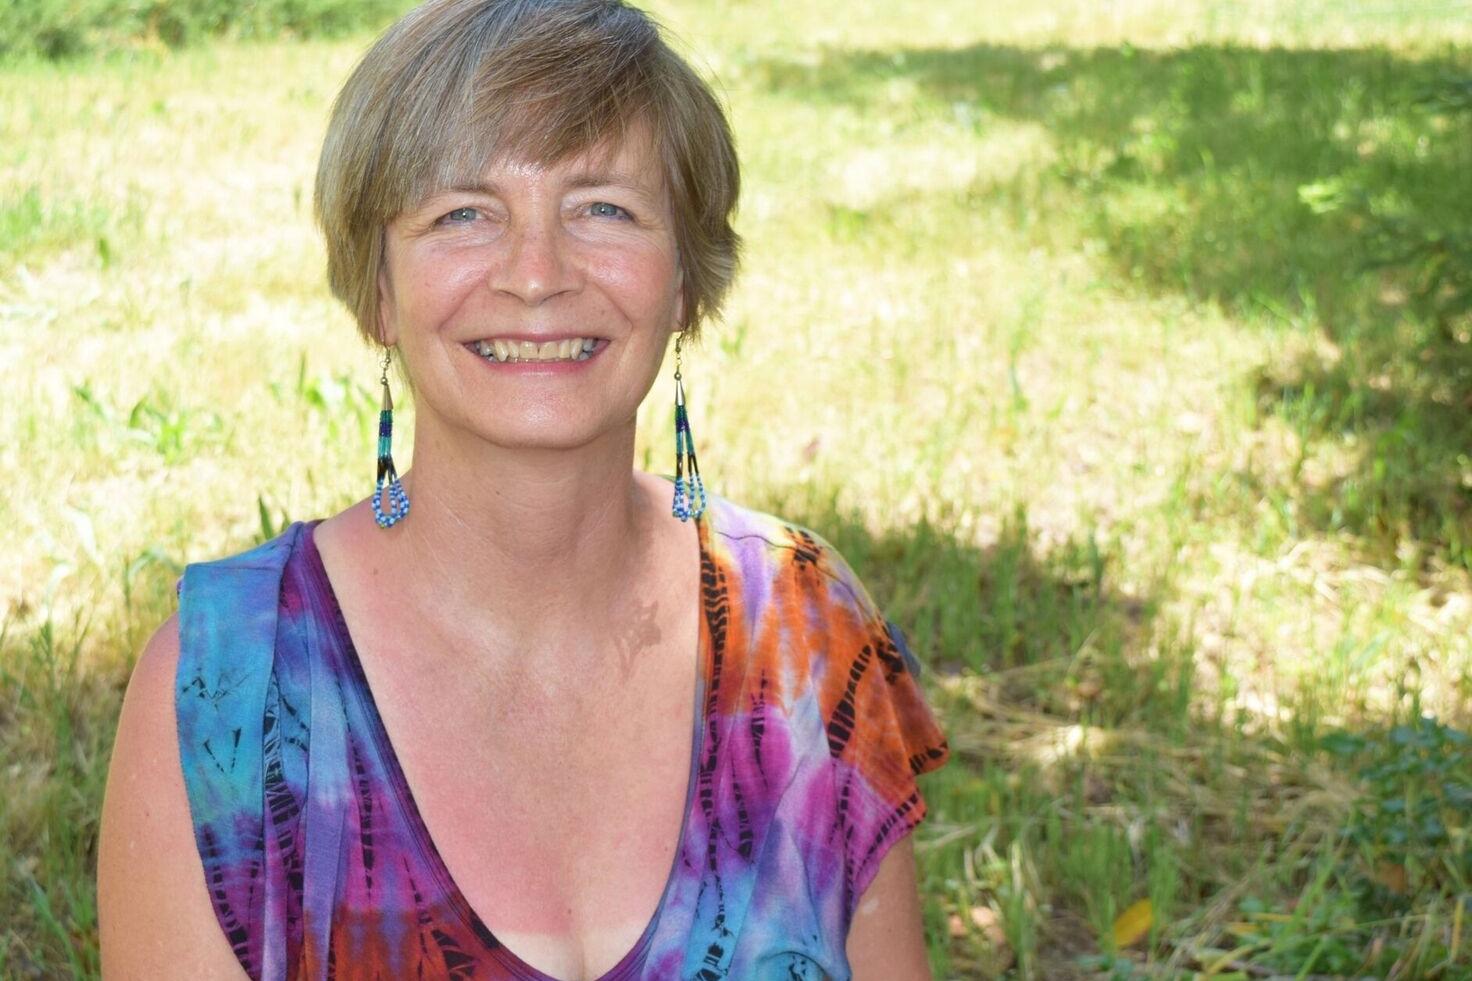 Laura Linsteadt